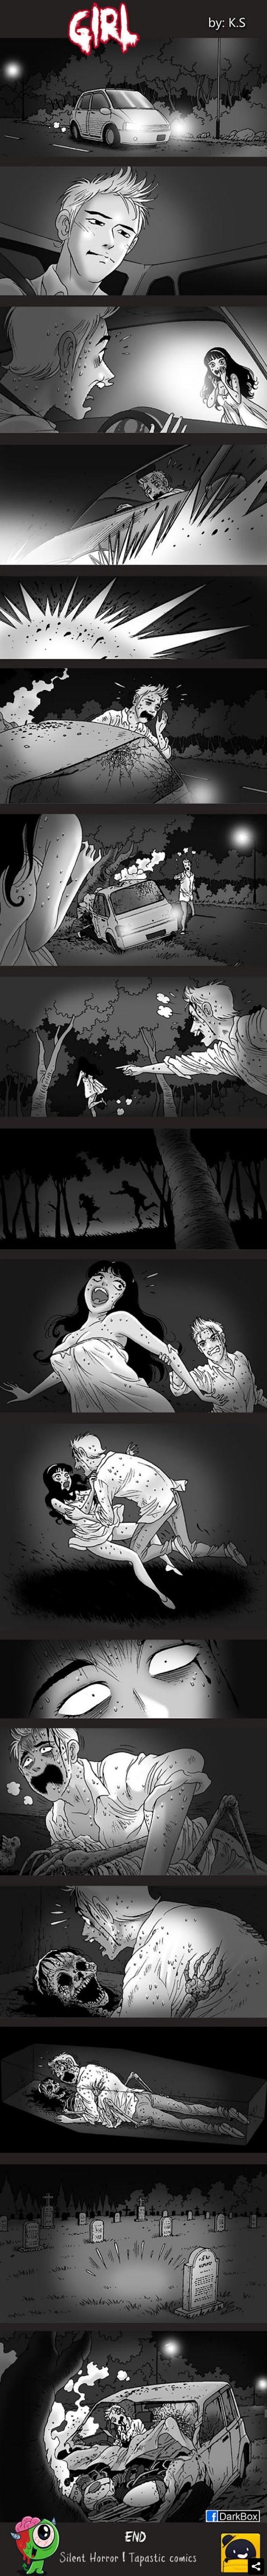 silent-horror-fumetti-di-terrorismo-03